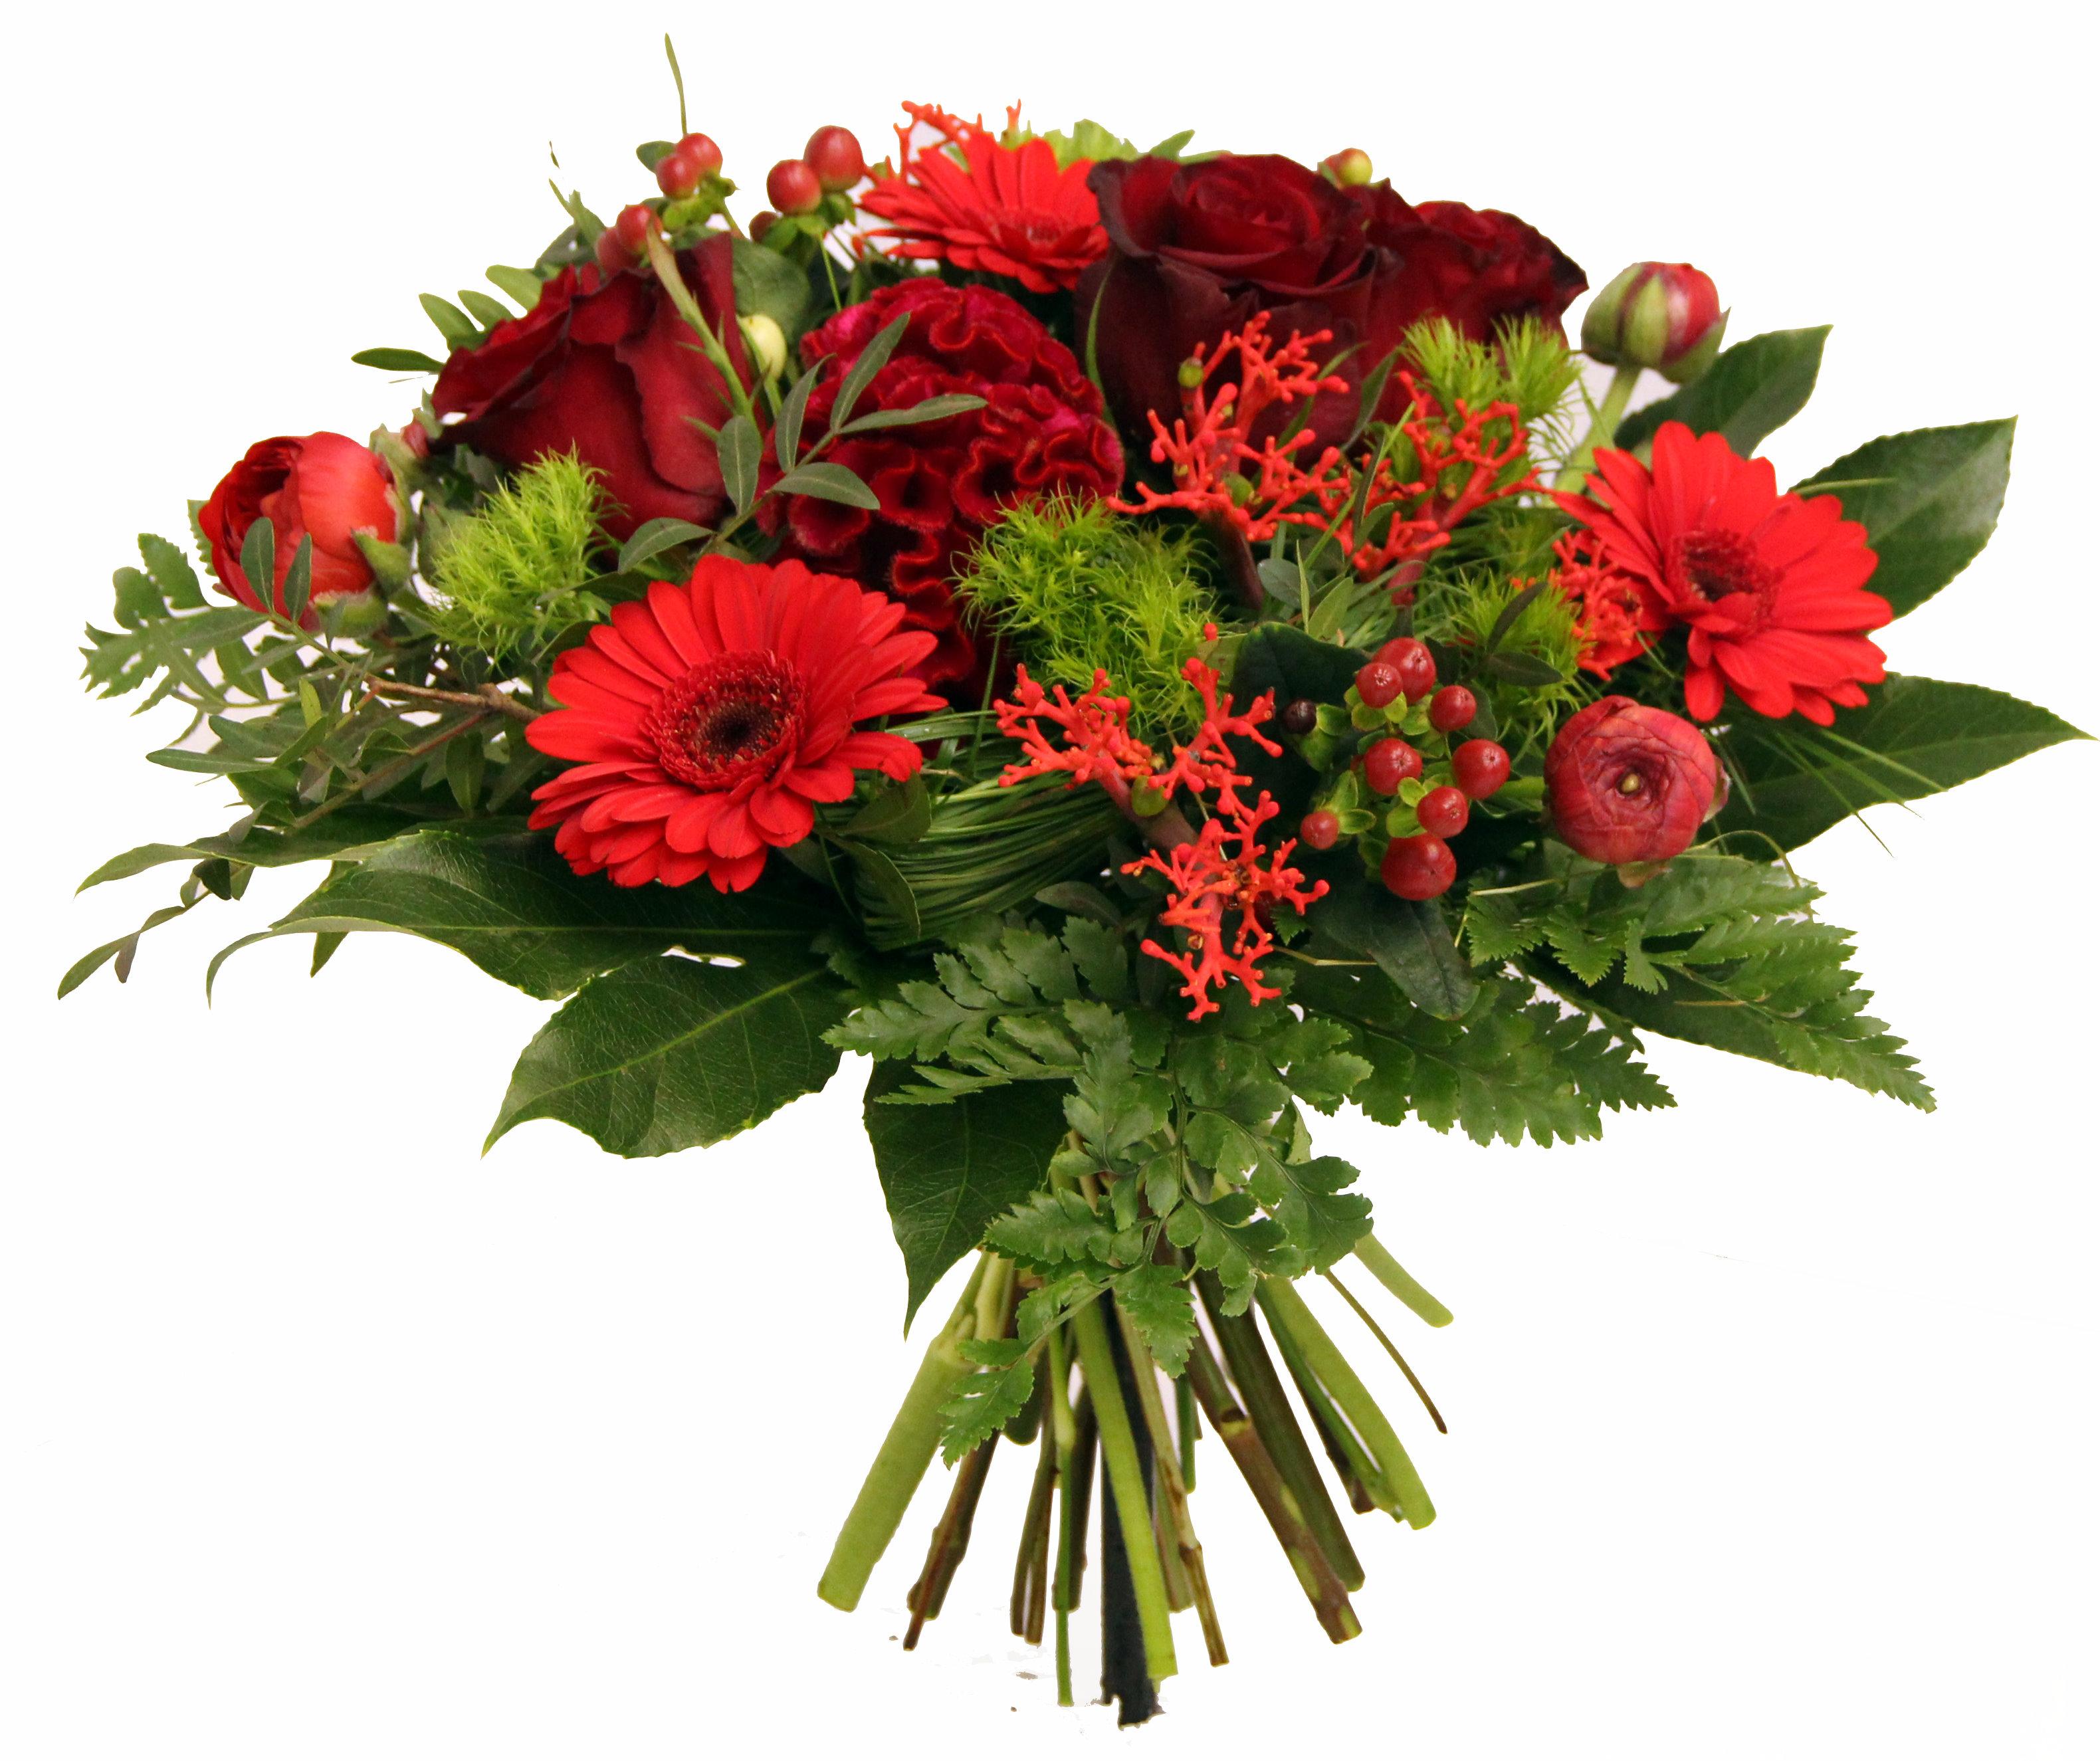 blumenstrau lieferung pure liebe rote rosen xxl top qualit t zum wunschtermin alle. Black Bedroom Furniture Sets. Home Design Ideas